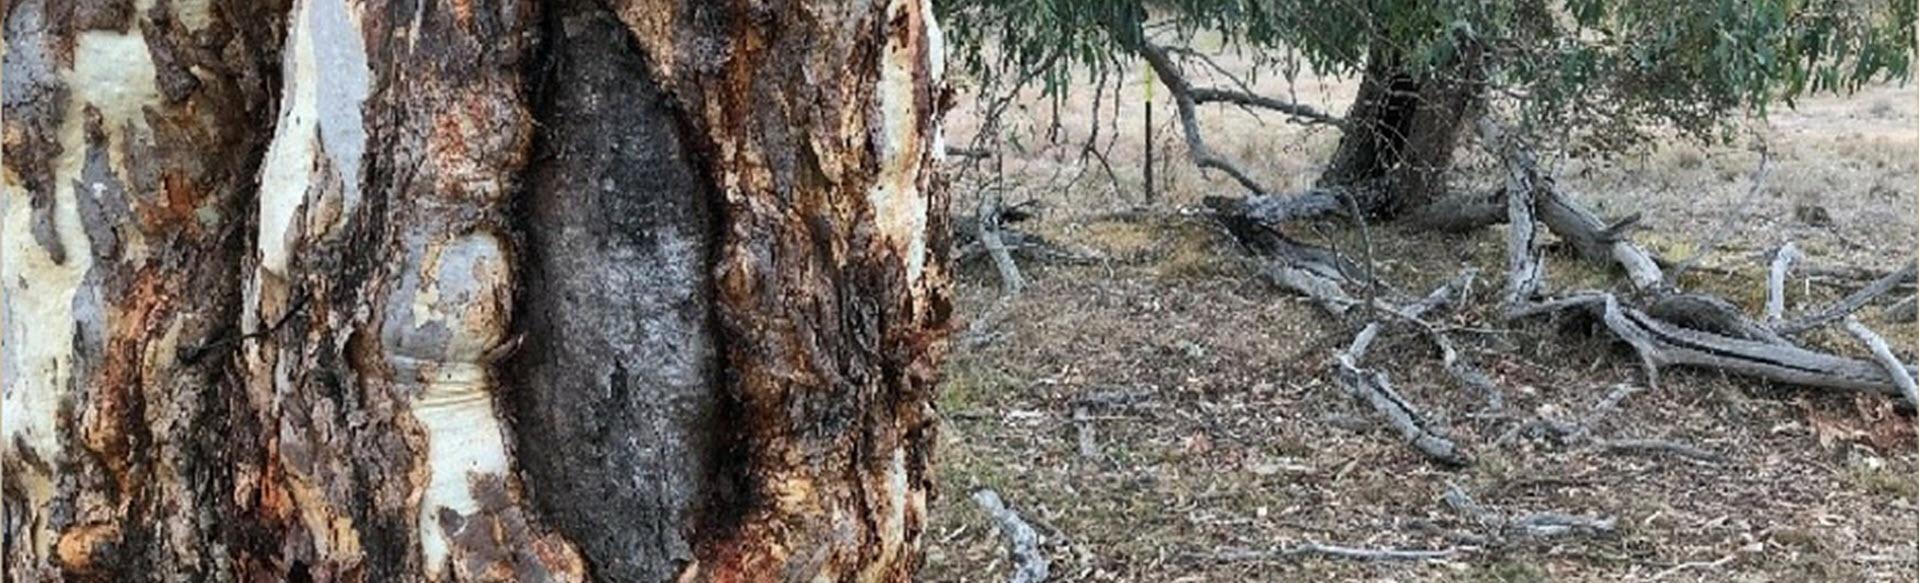 SACTCG – Aboriginal Landcare